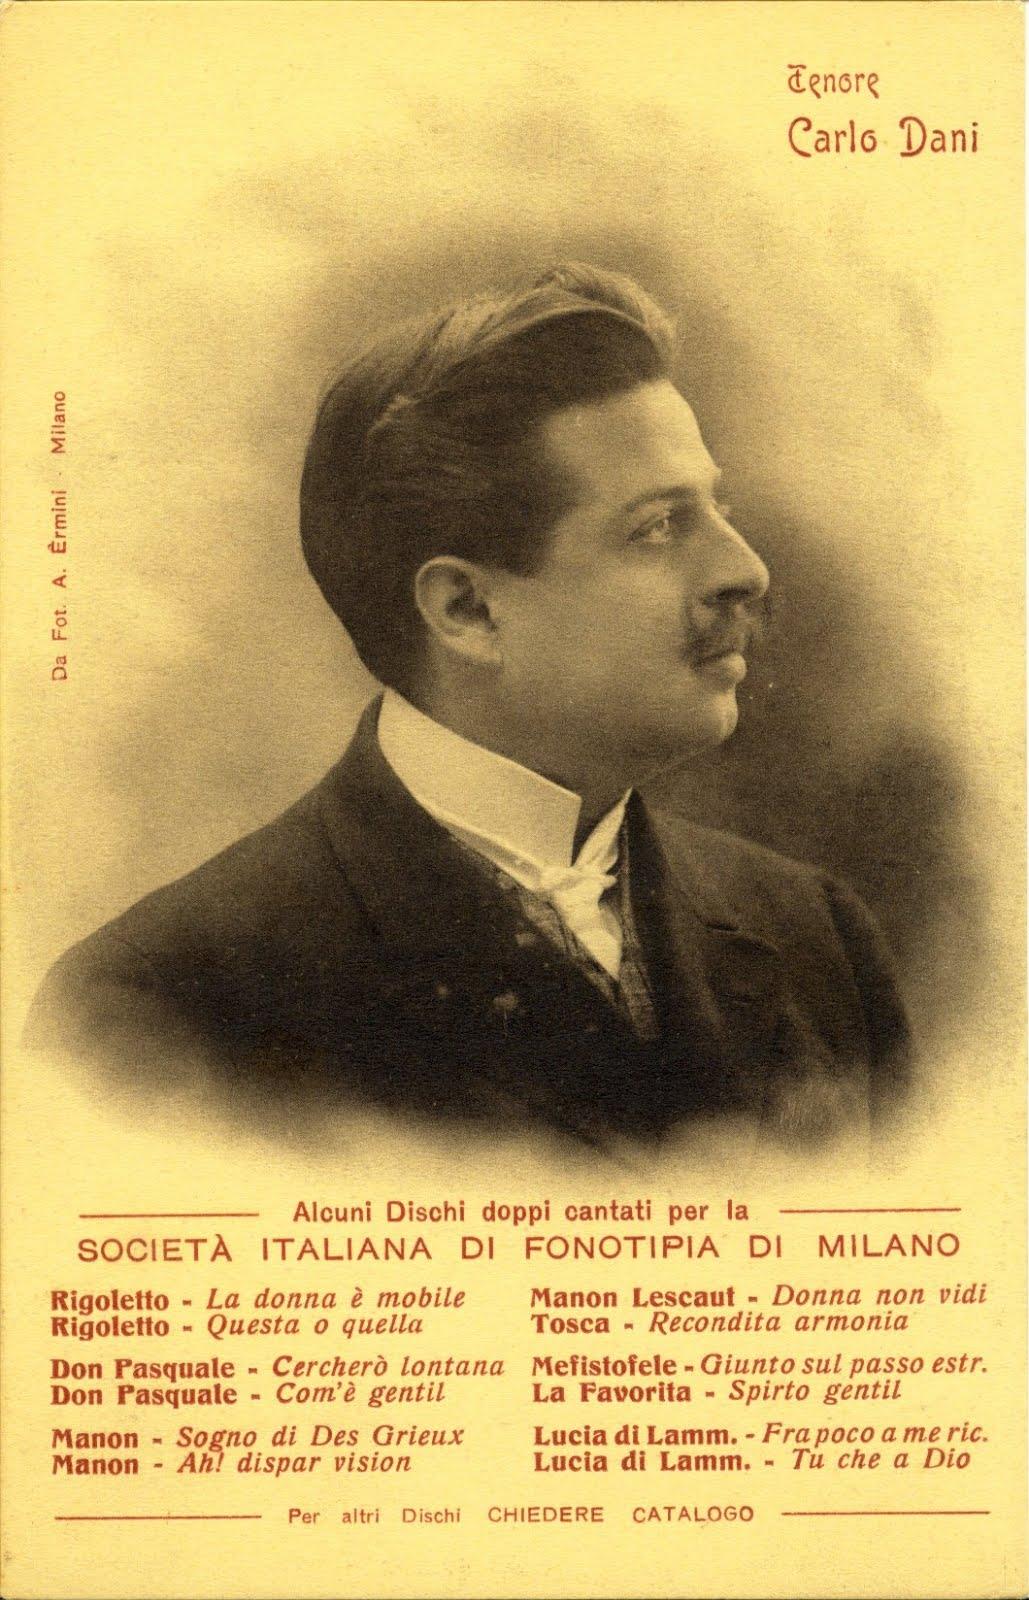 GREAT ITALIAN TENOR CARLO DANI CD